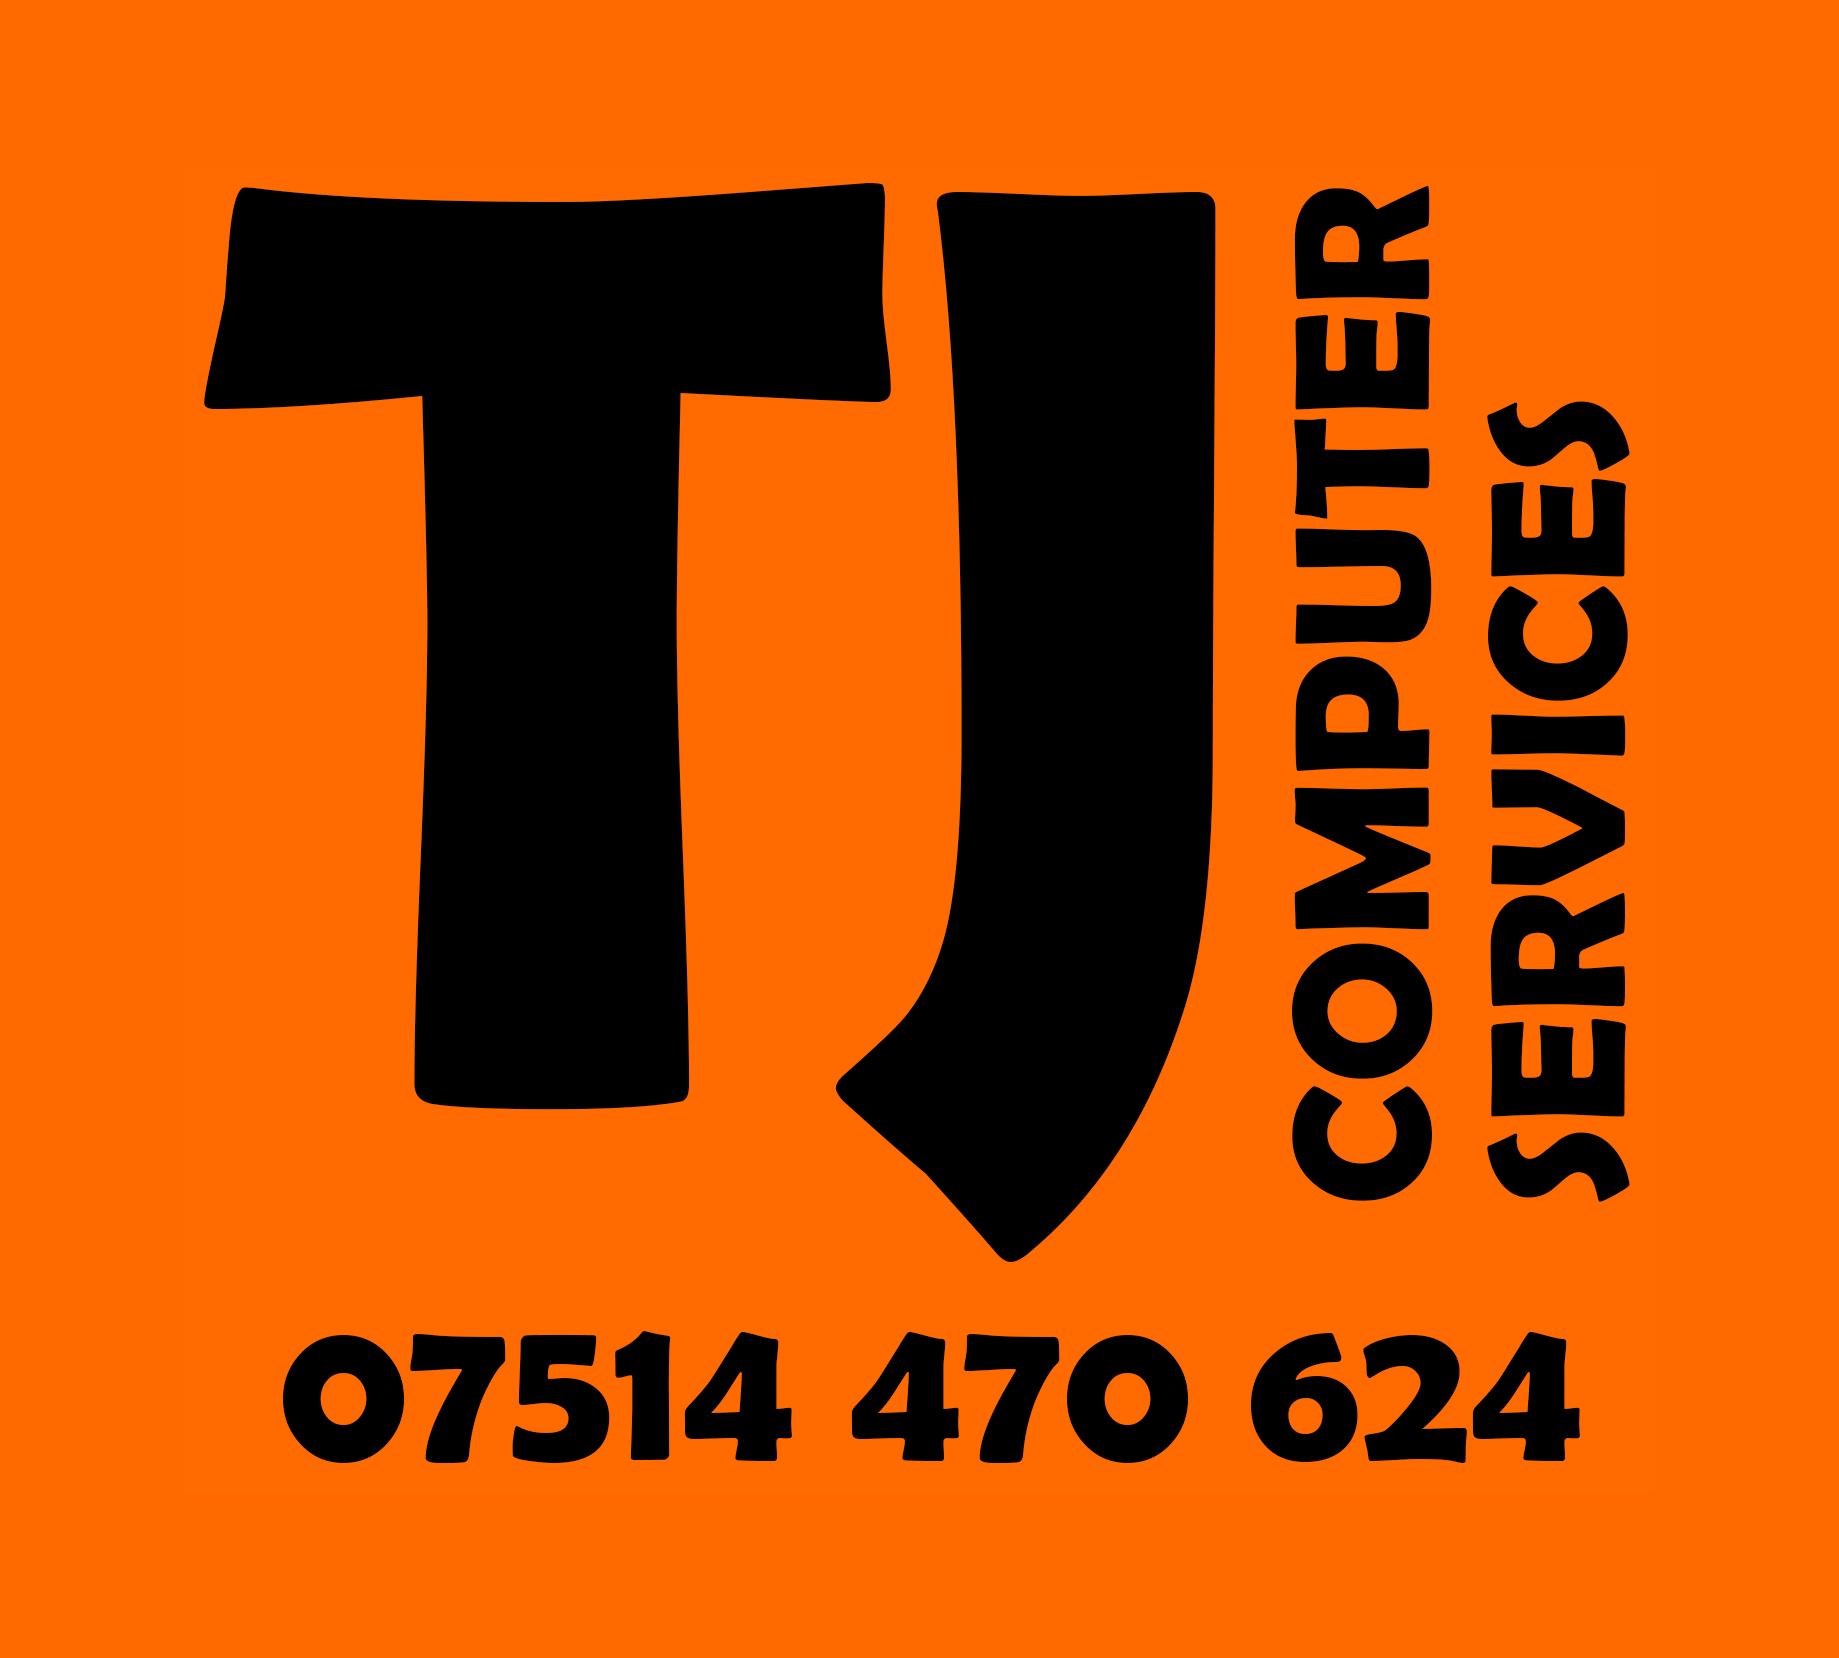 TJ Computer Services